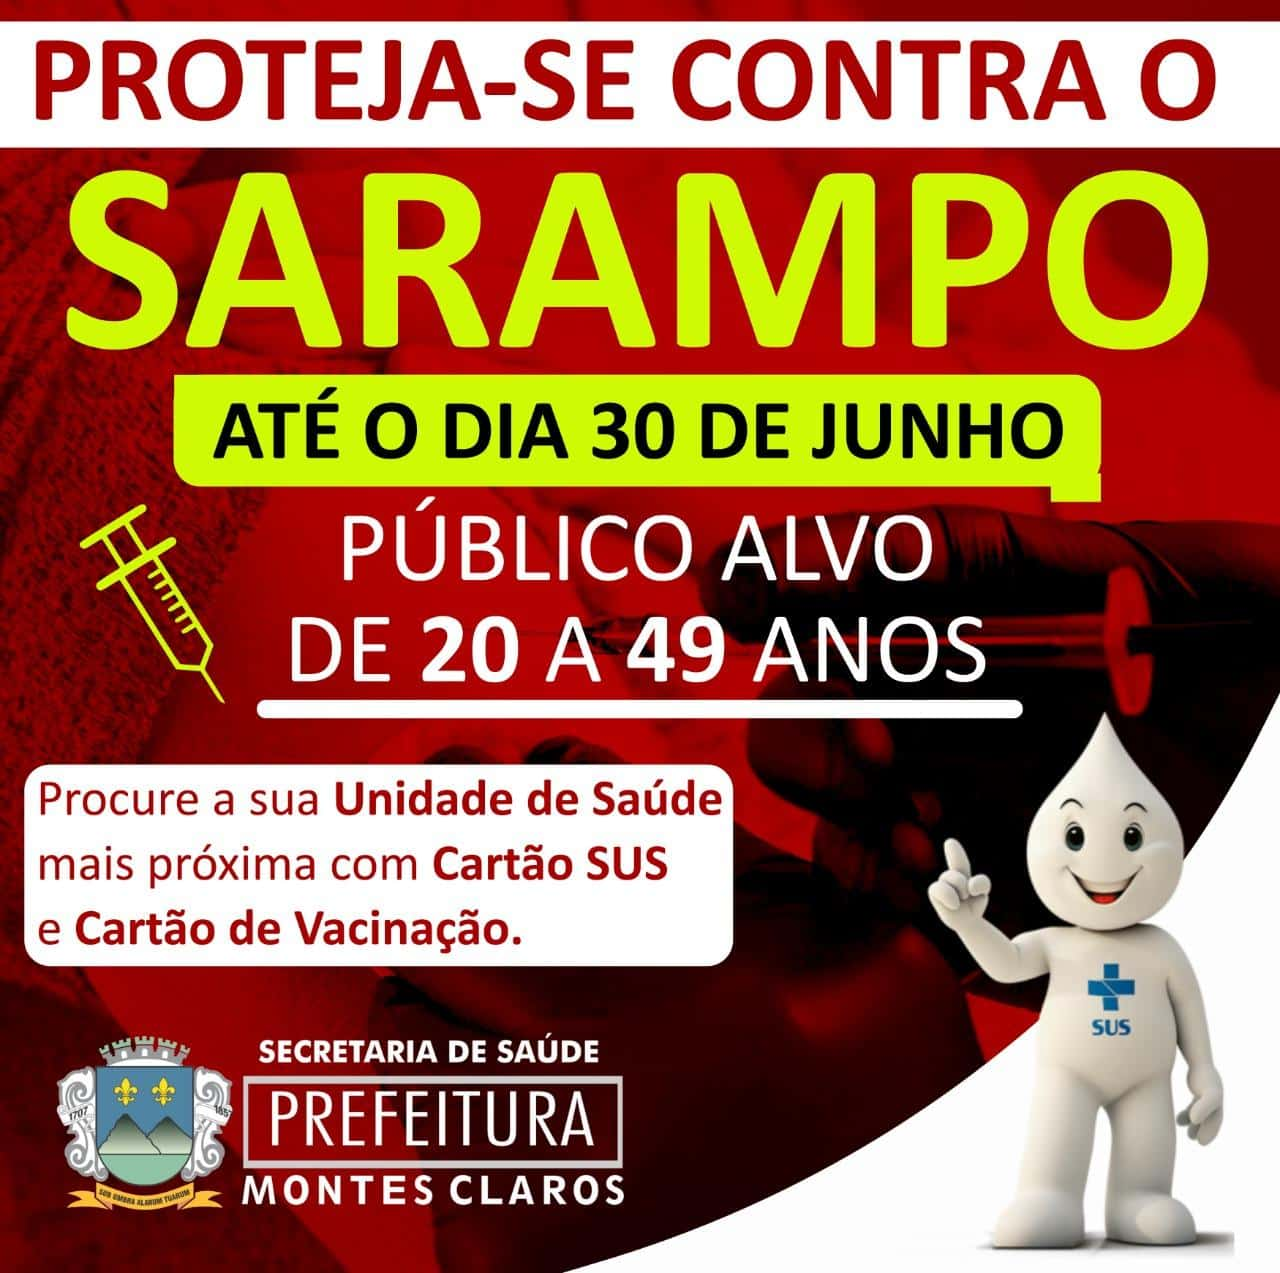 Montes Claros - A cidade de Montes Claros oferece diversos pontos de vacinação contra o Sarampo